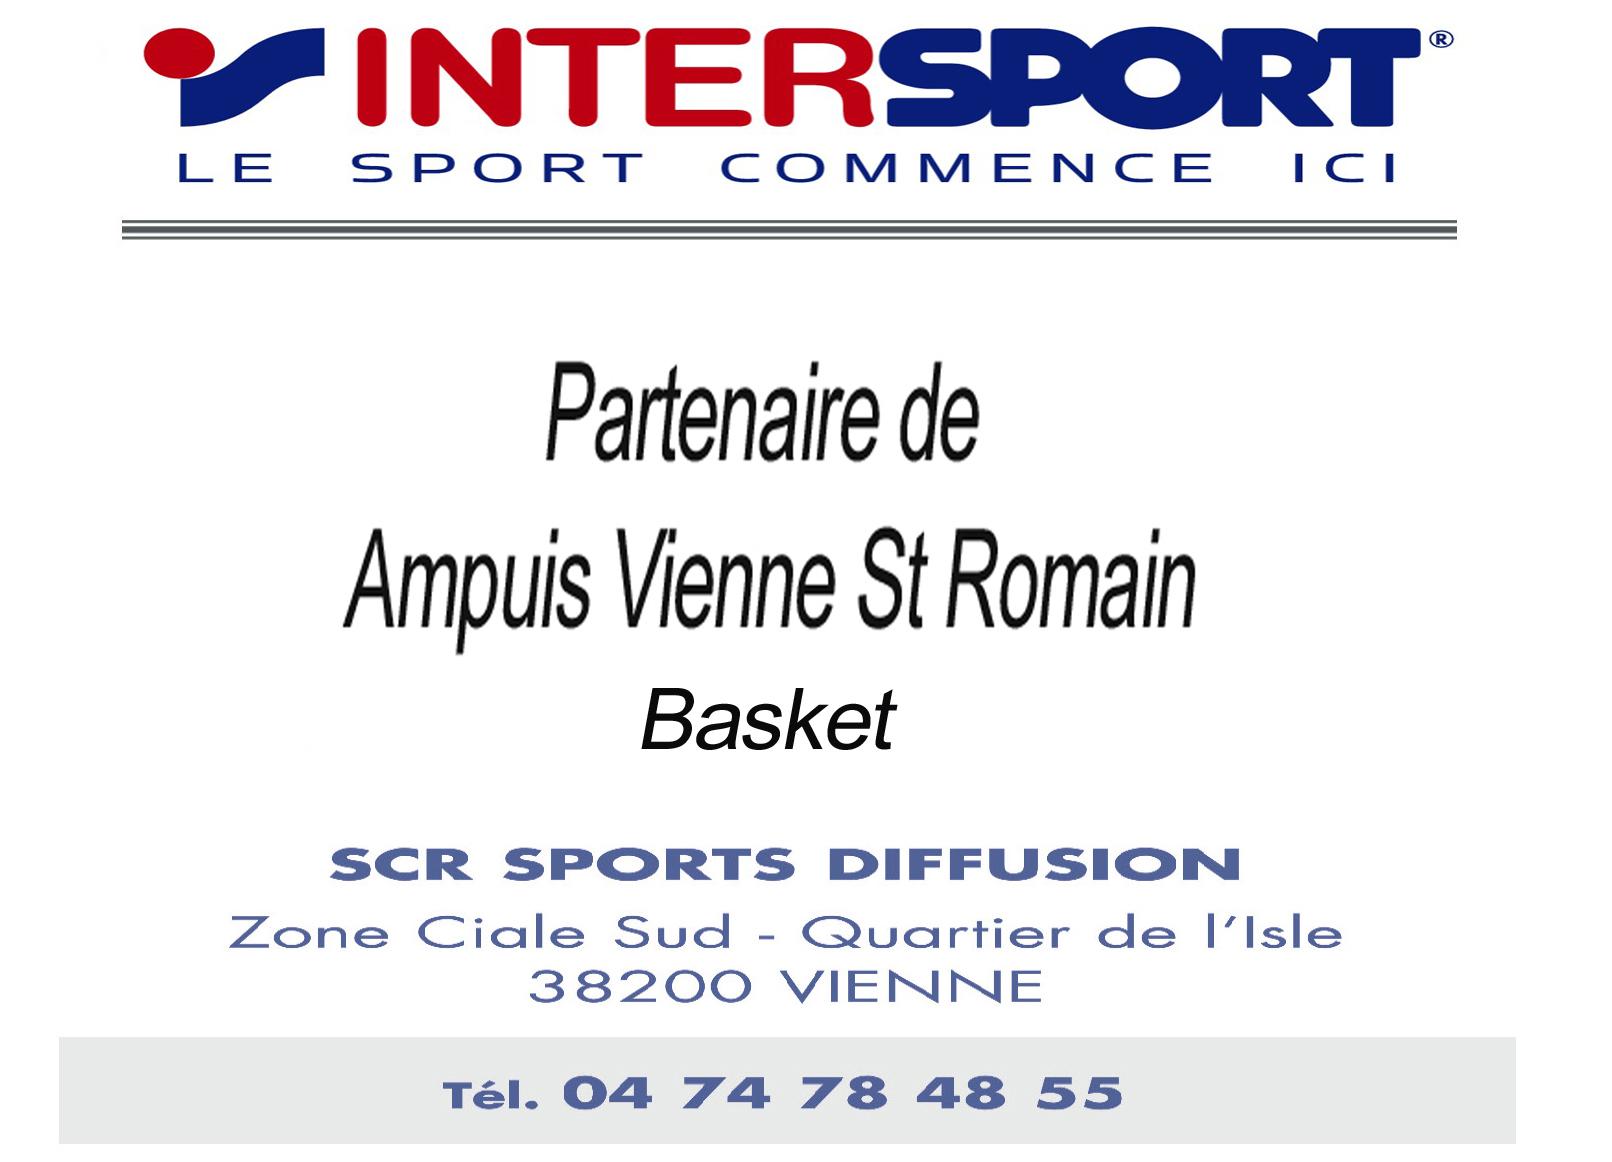 intersport copie